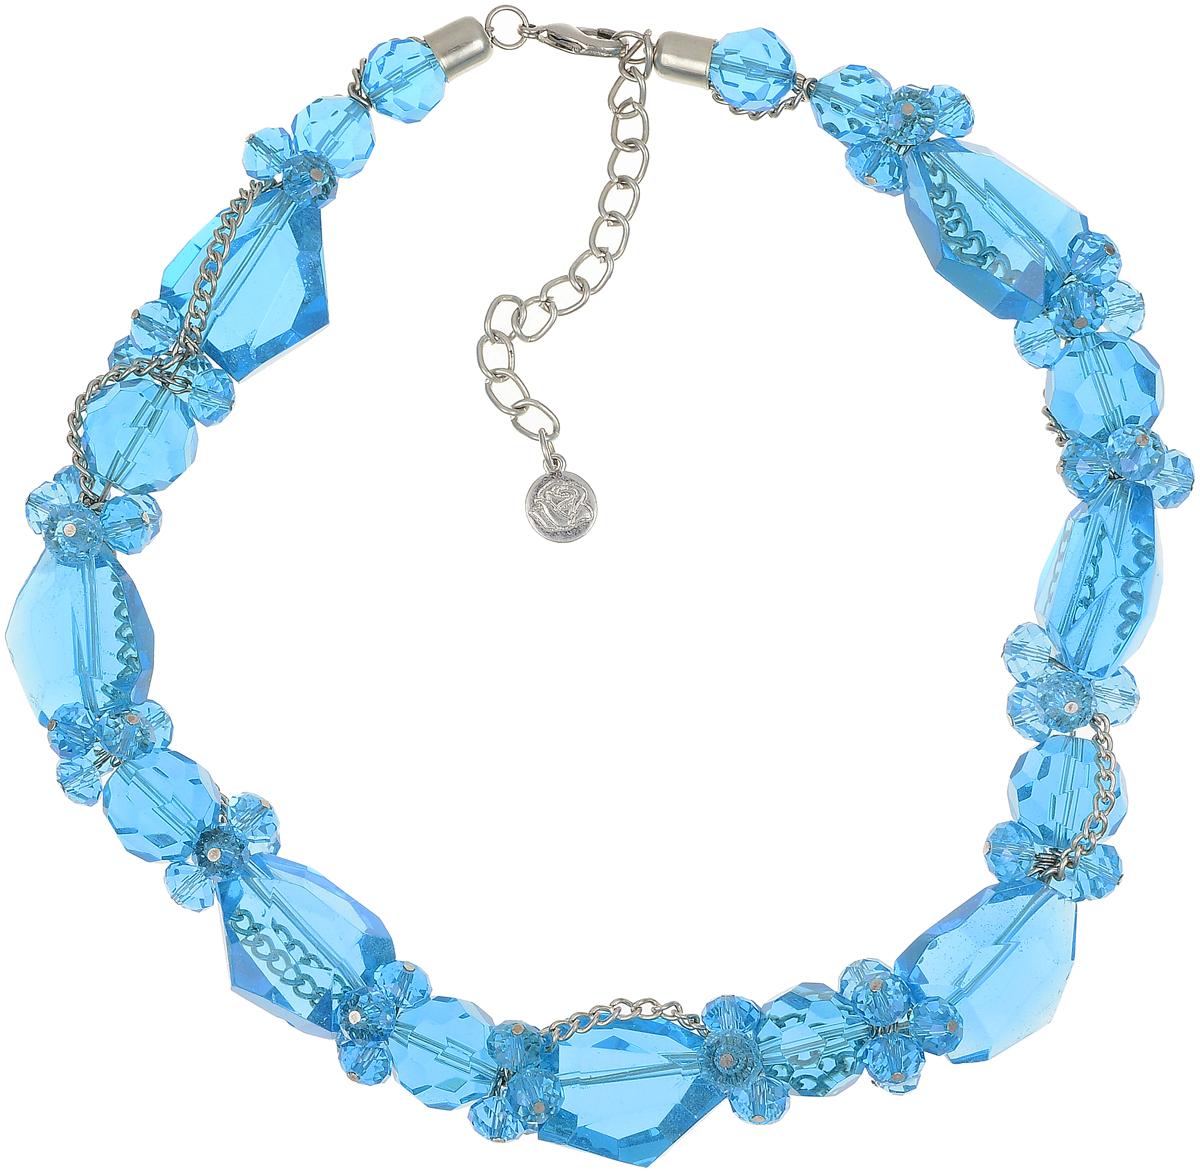 Бусы Art-Silver, цвет: голубой. TNL017-575TNL017-575Бусы Art-Silver выполнены из бижутерного сплава, циркона и кристаллов. Изделие оснащено удобным замком-карабином.